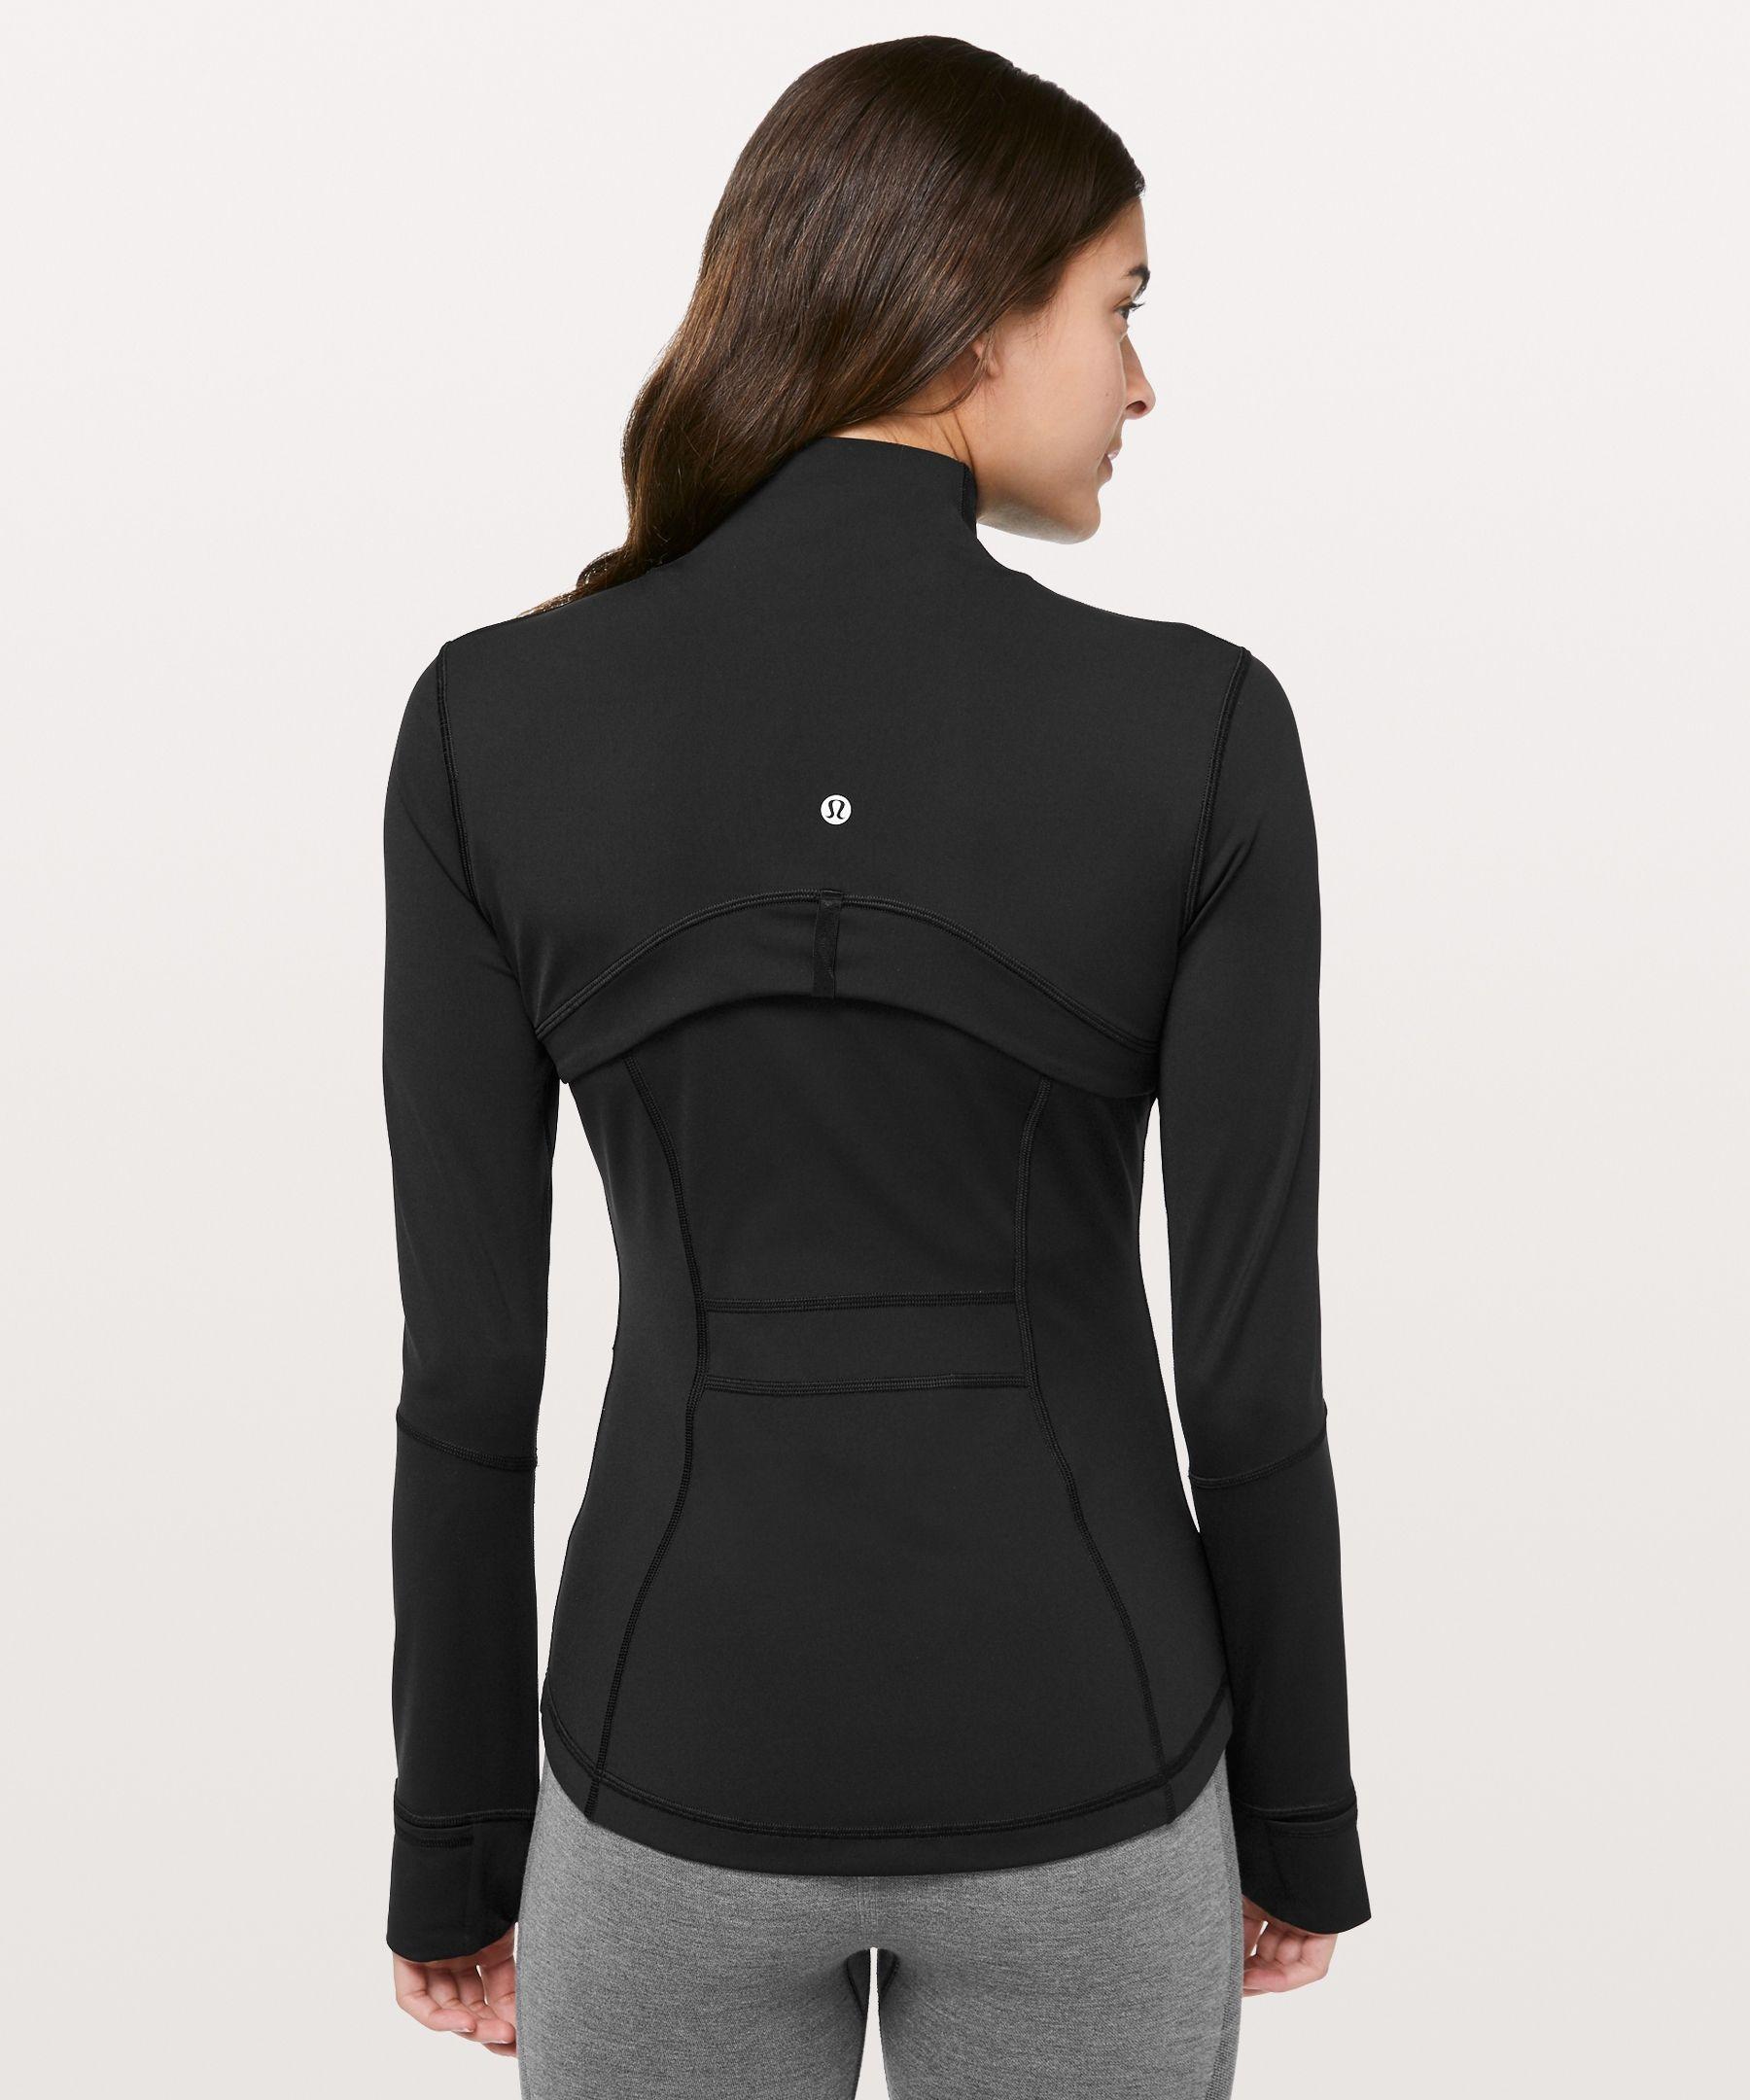 Lululemon Women S Define Jacket Nulux Black Size 2 Jackets For Women Outerwear Jackets Jackets [ 2160 x 1800 Pixel ]